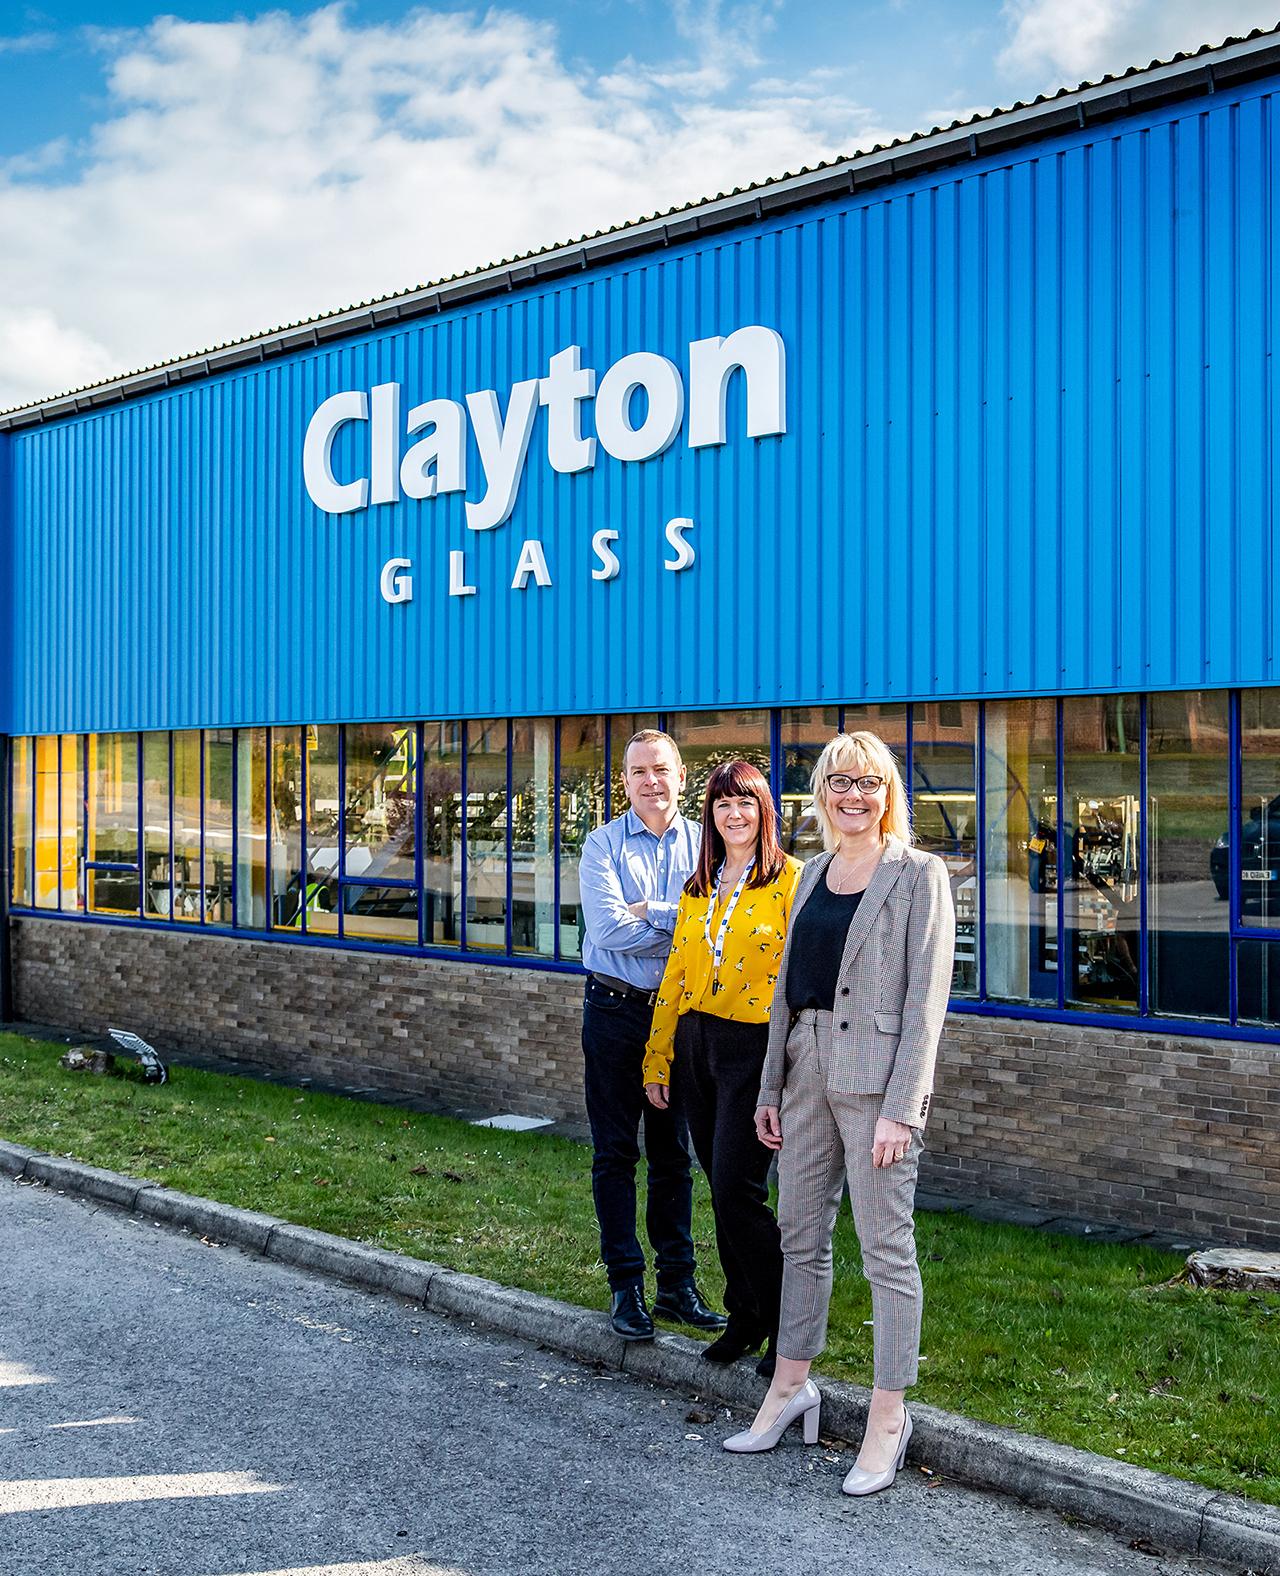 Clayton Glass Partnership with Derwentside College